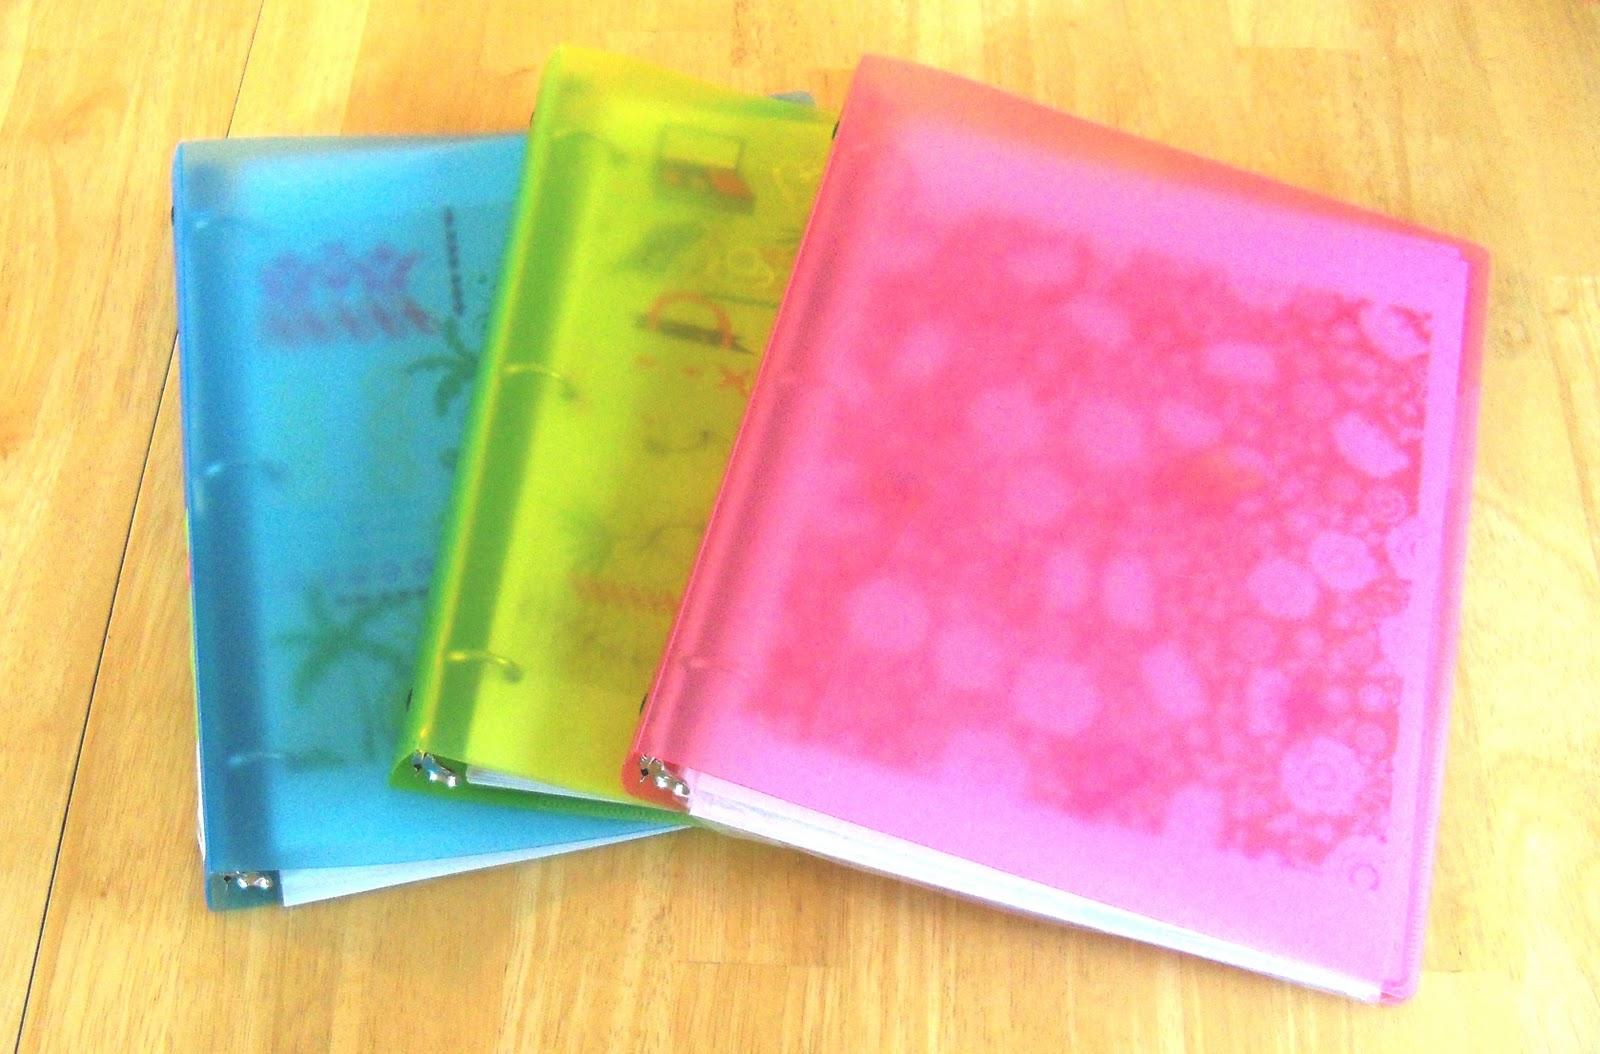 Handmade do it yourself homemade sticker books nicki woo handmade do it yourself homemade sticker books solutioingenieria Images